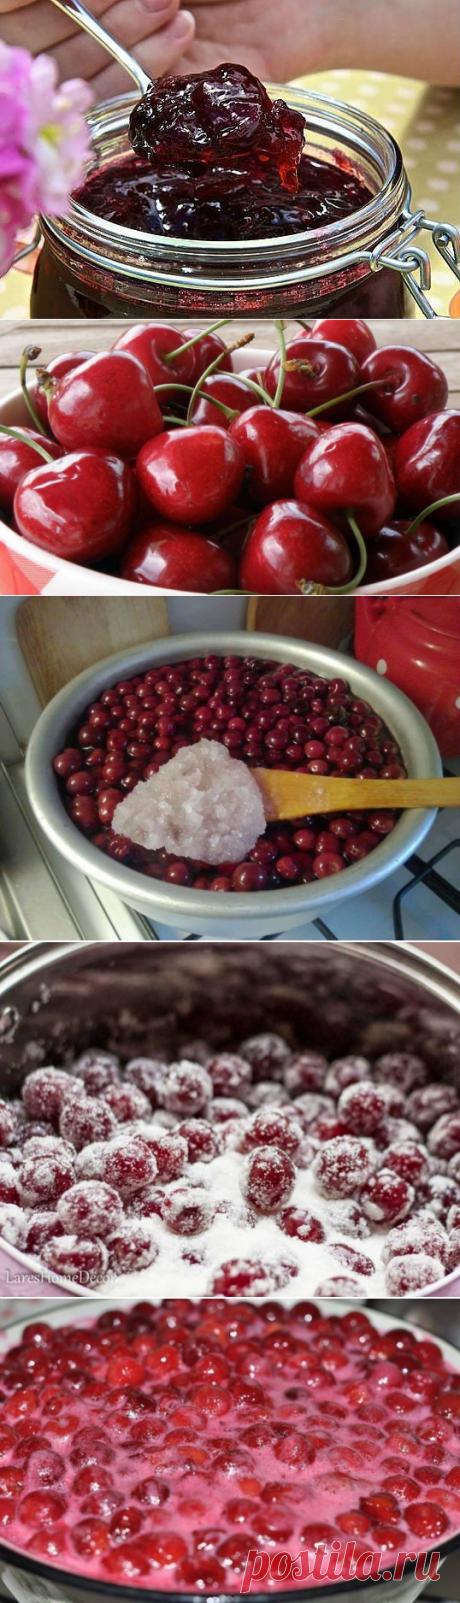 Вишня консервированная в желе — нежнее варенья/ Ягоды совсем, как свежие